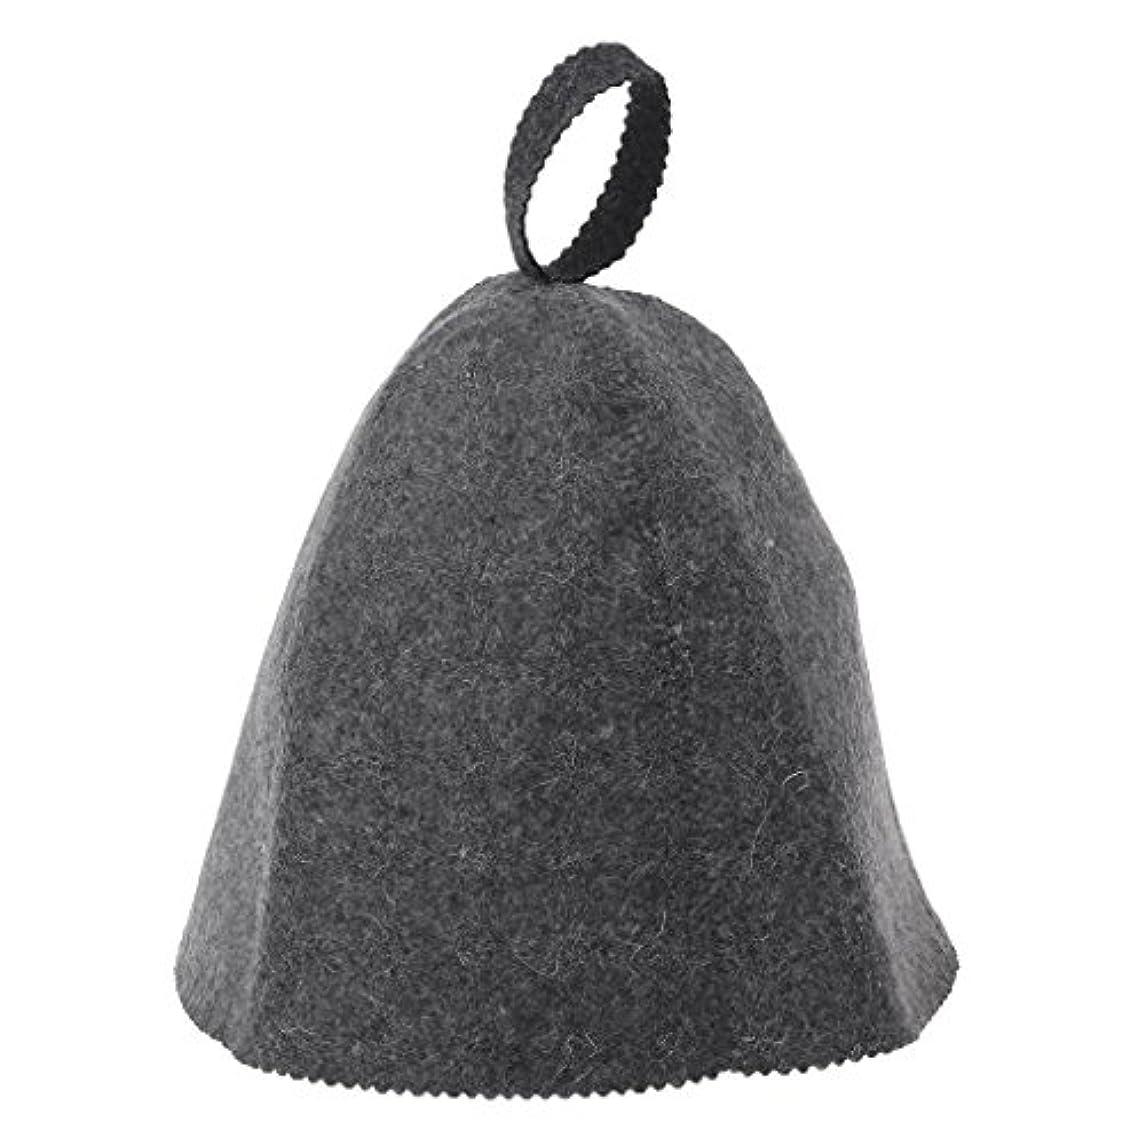 誇張する見習い不振SimpleLifeウールフェルトサウナ帽子風呂ハウスヘッド保護のための反熱ロシアのバニヤキャップ